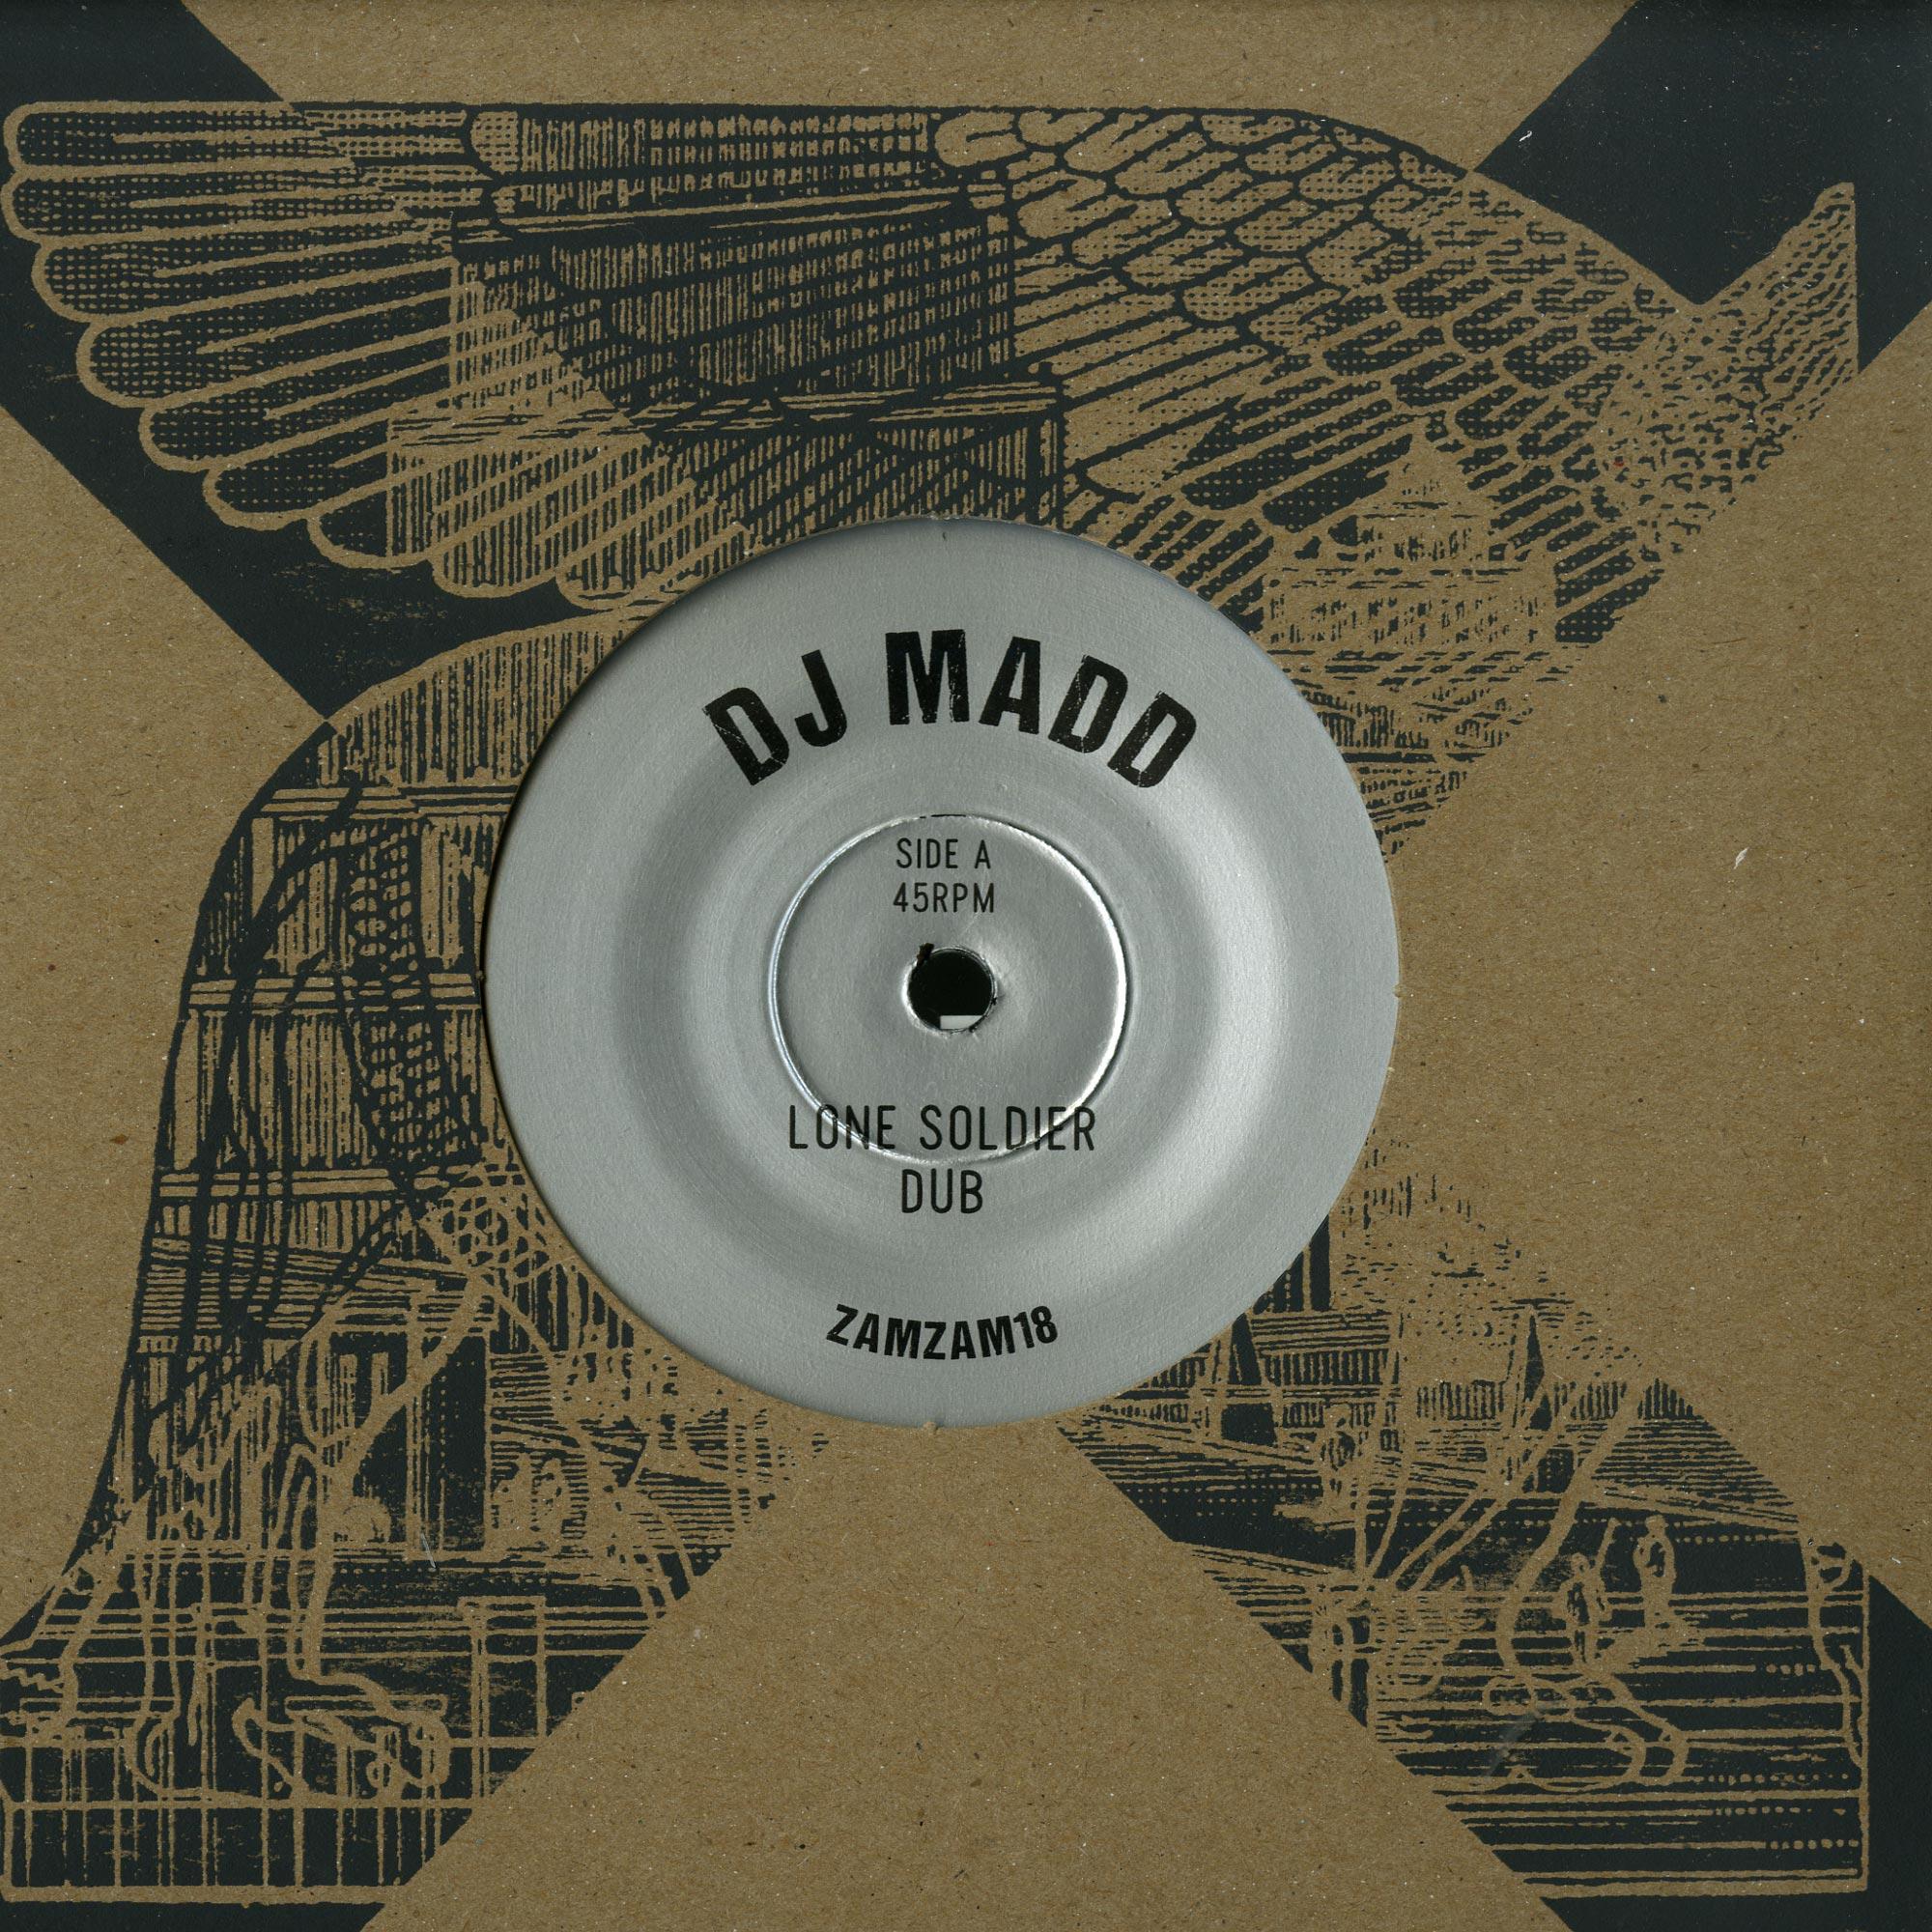 DJ Madd - LONE SOLDIER DUB